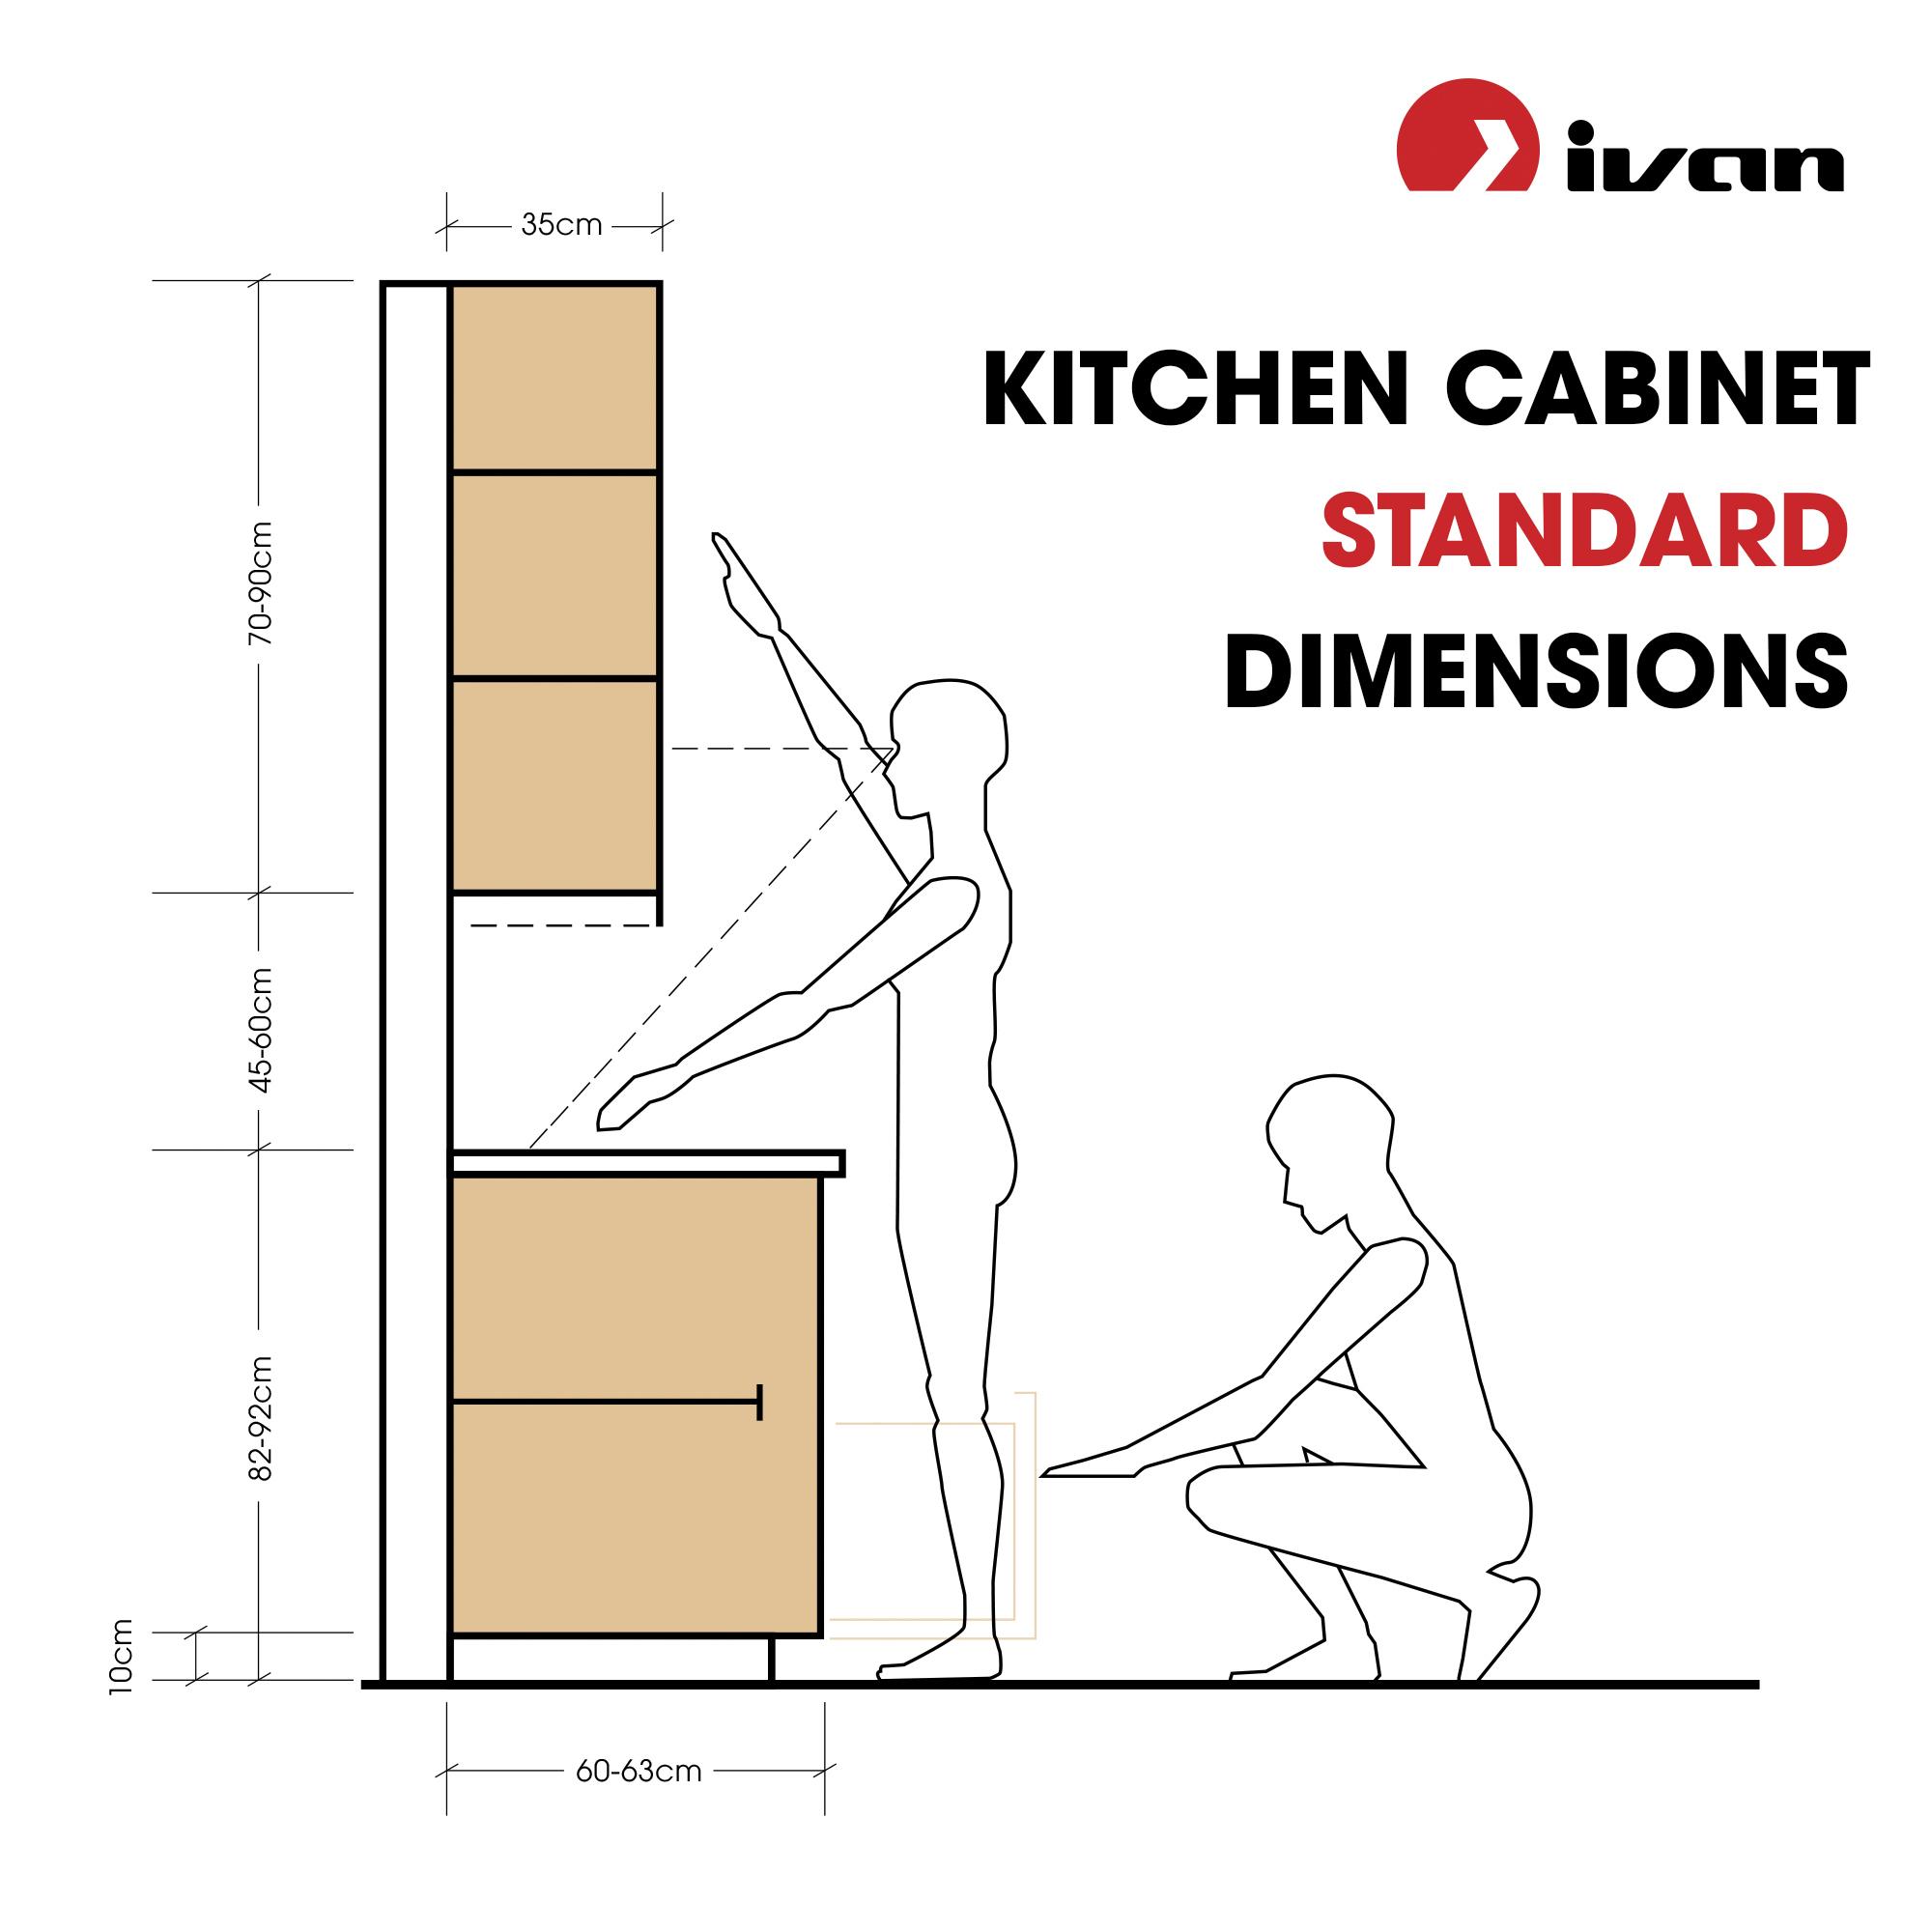 Standard kitchen cabinet demensions   IVAN HARDWARE